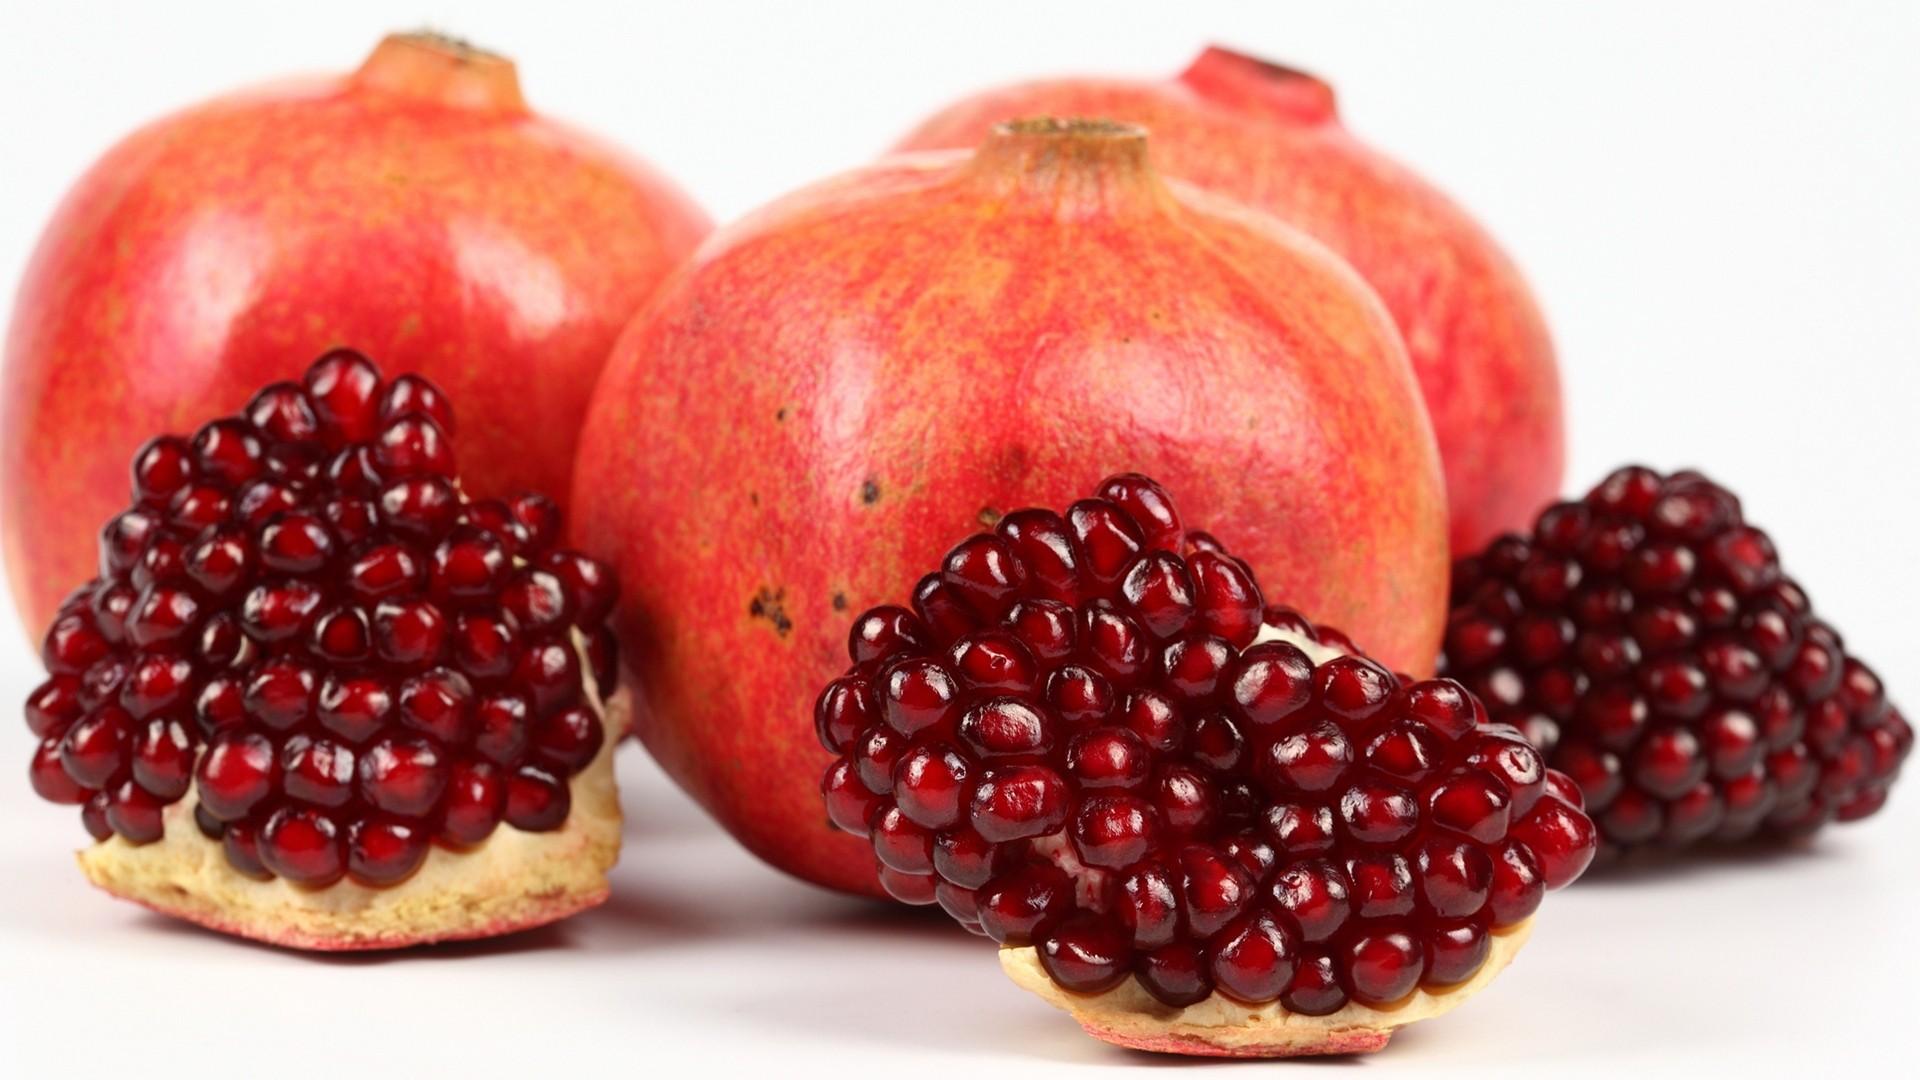 Pomegranate wallpaper photo